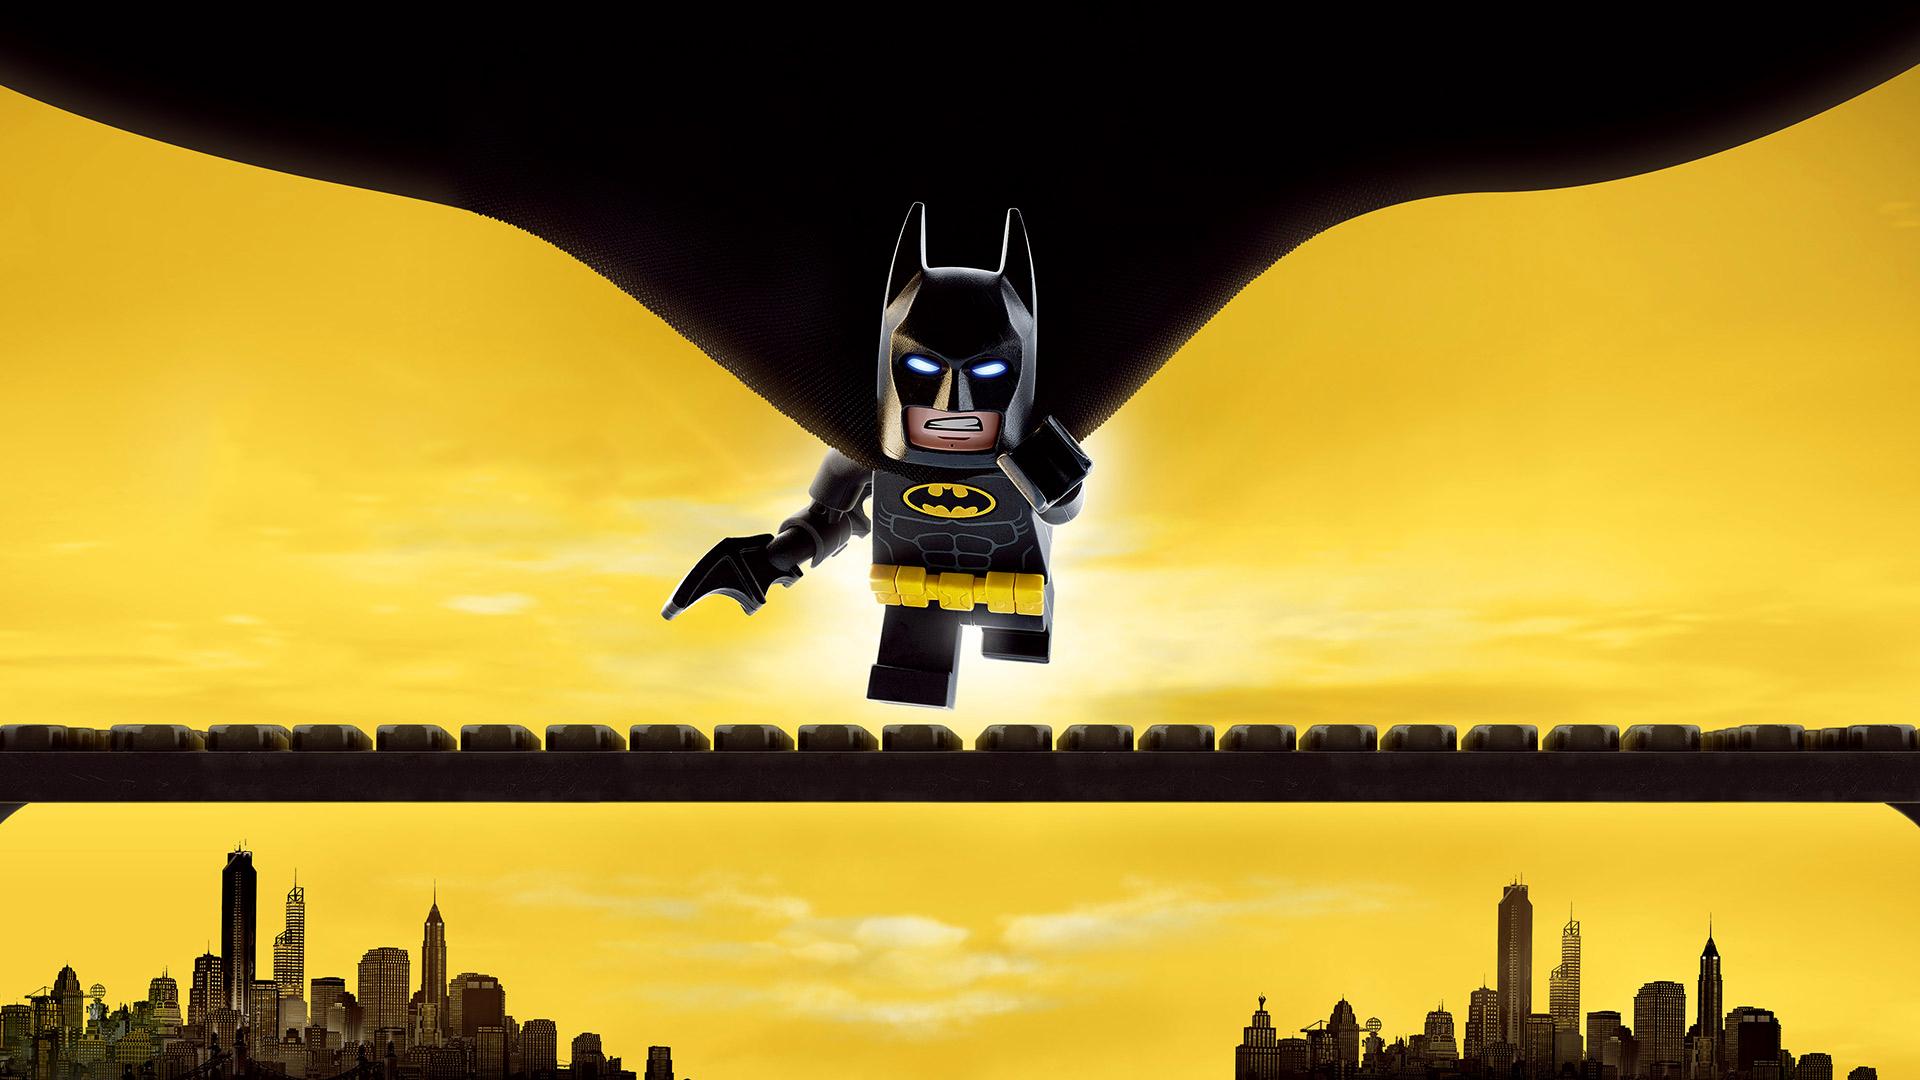 Hipster Quotes Wallpaper Iphone Fondos De Pantalla De Batman La Lego Pelicula Wallpapers